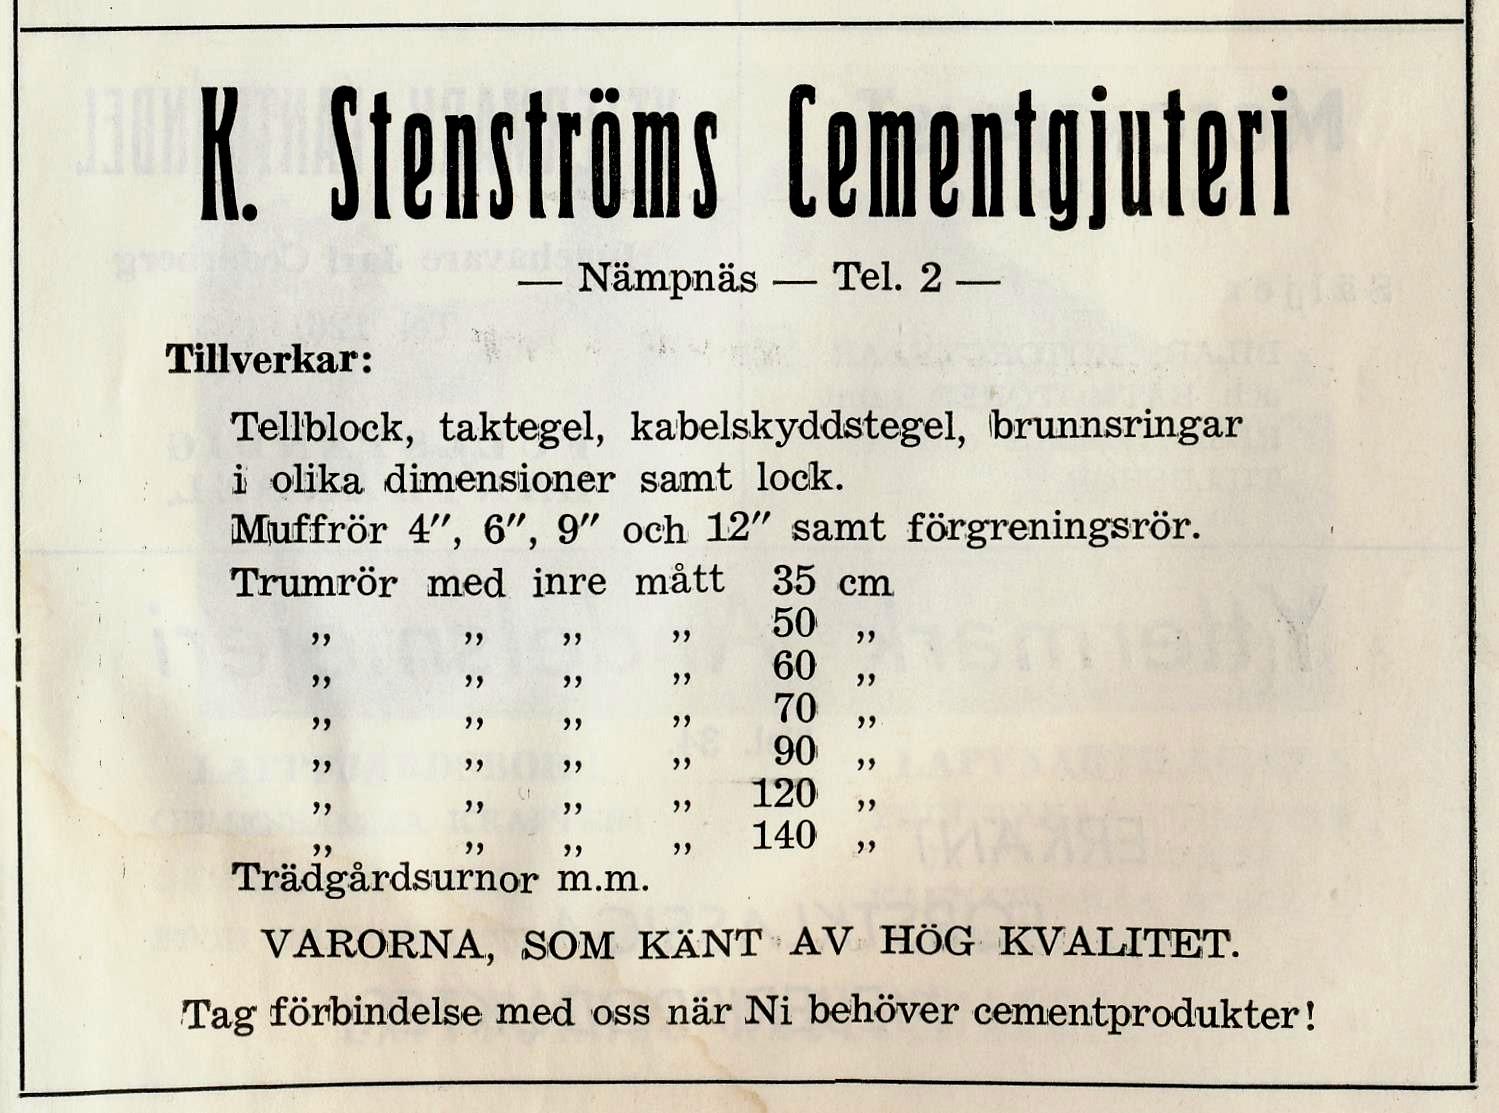 Så här kunde Stenström annonsera i tidningarna på 50-talet.